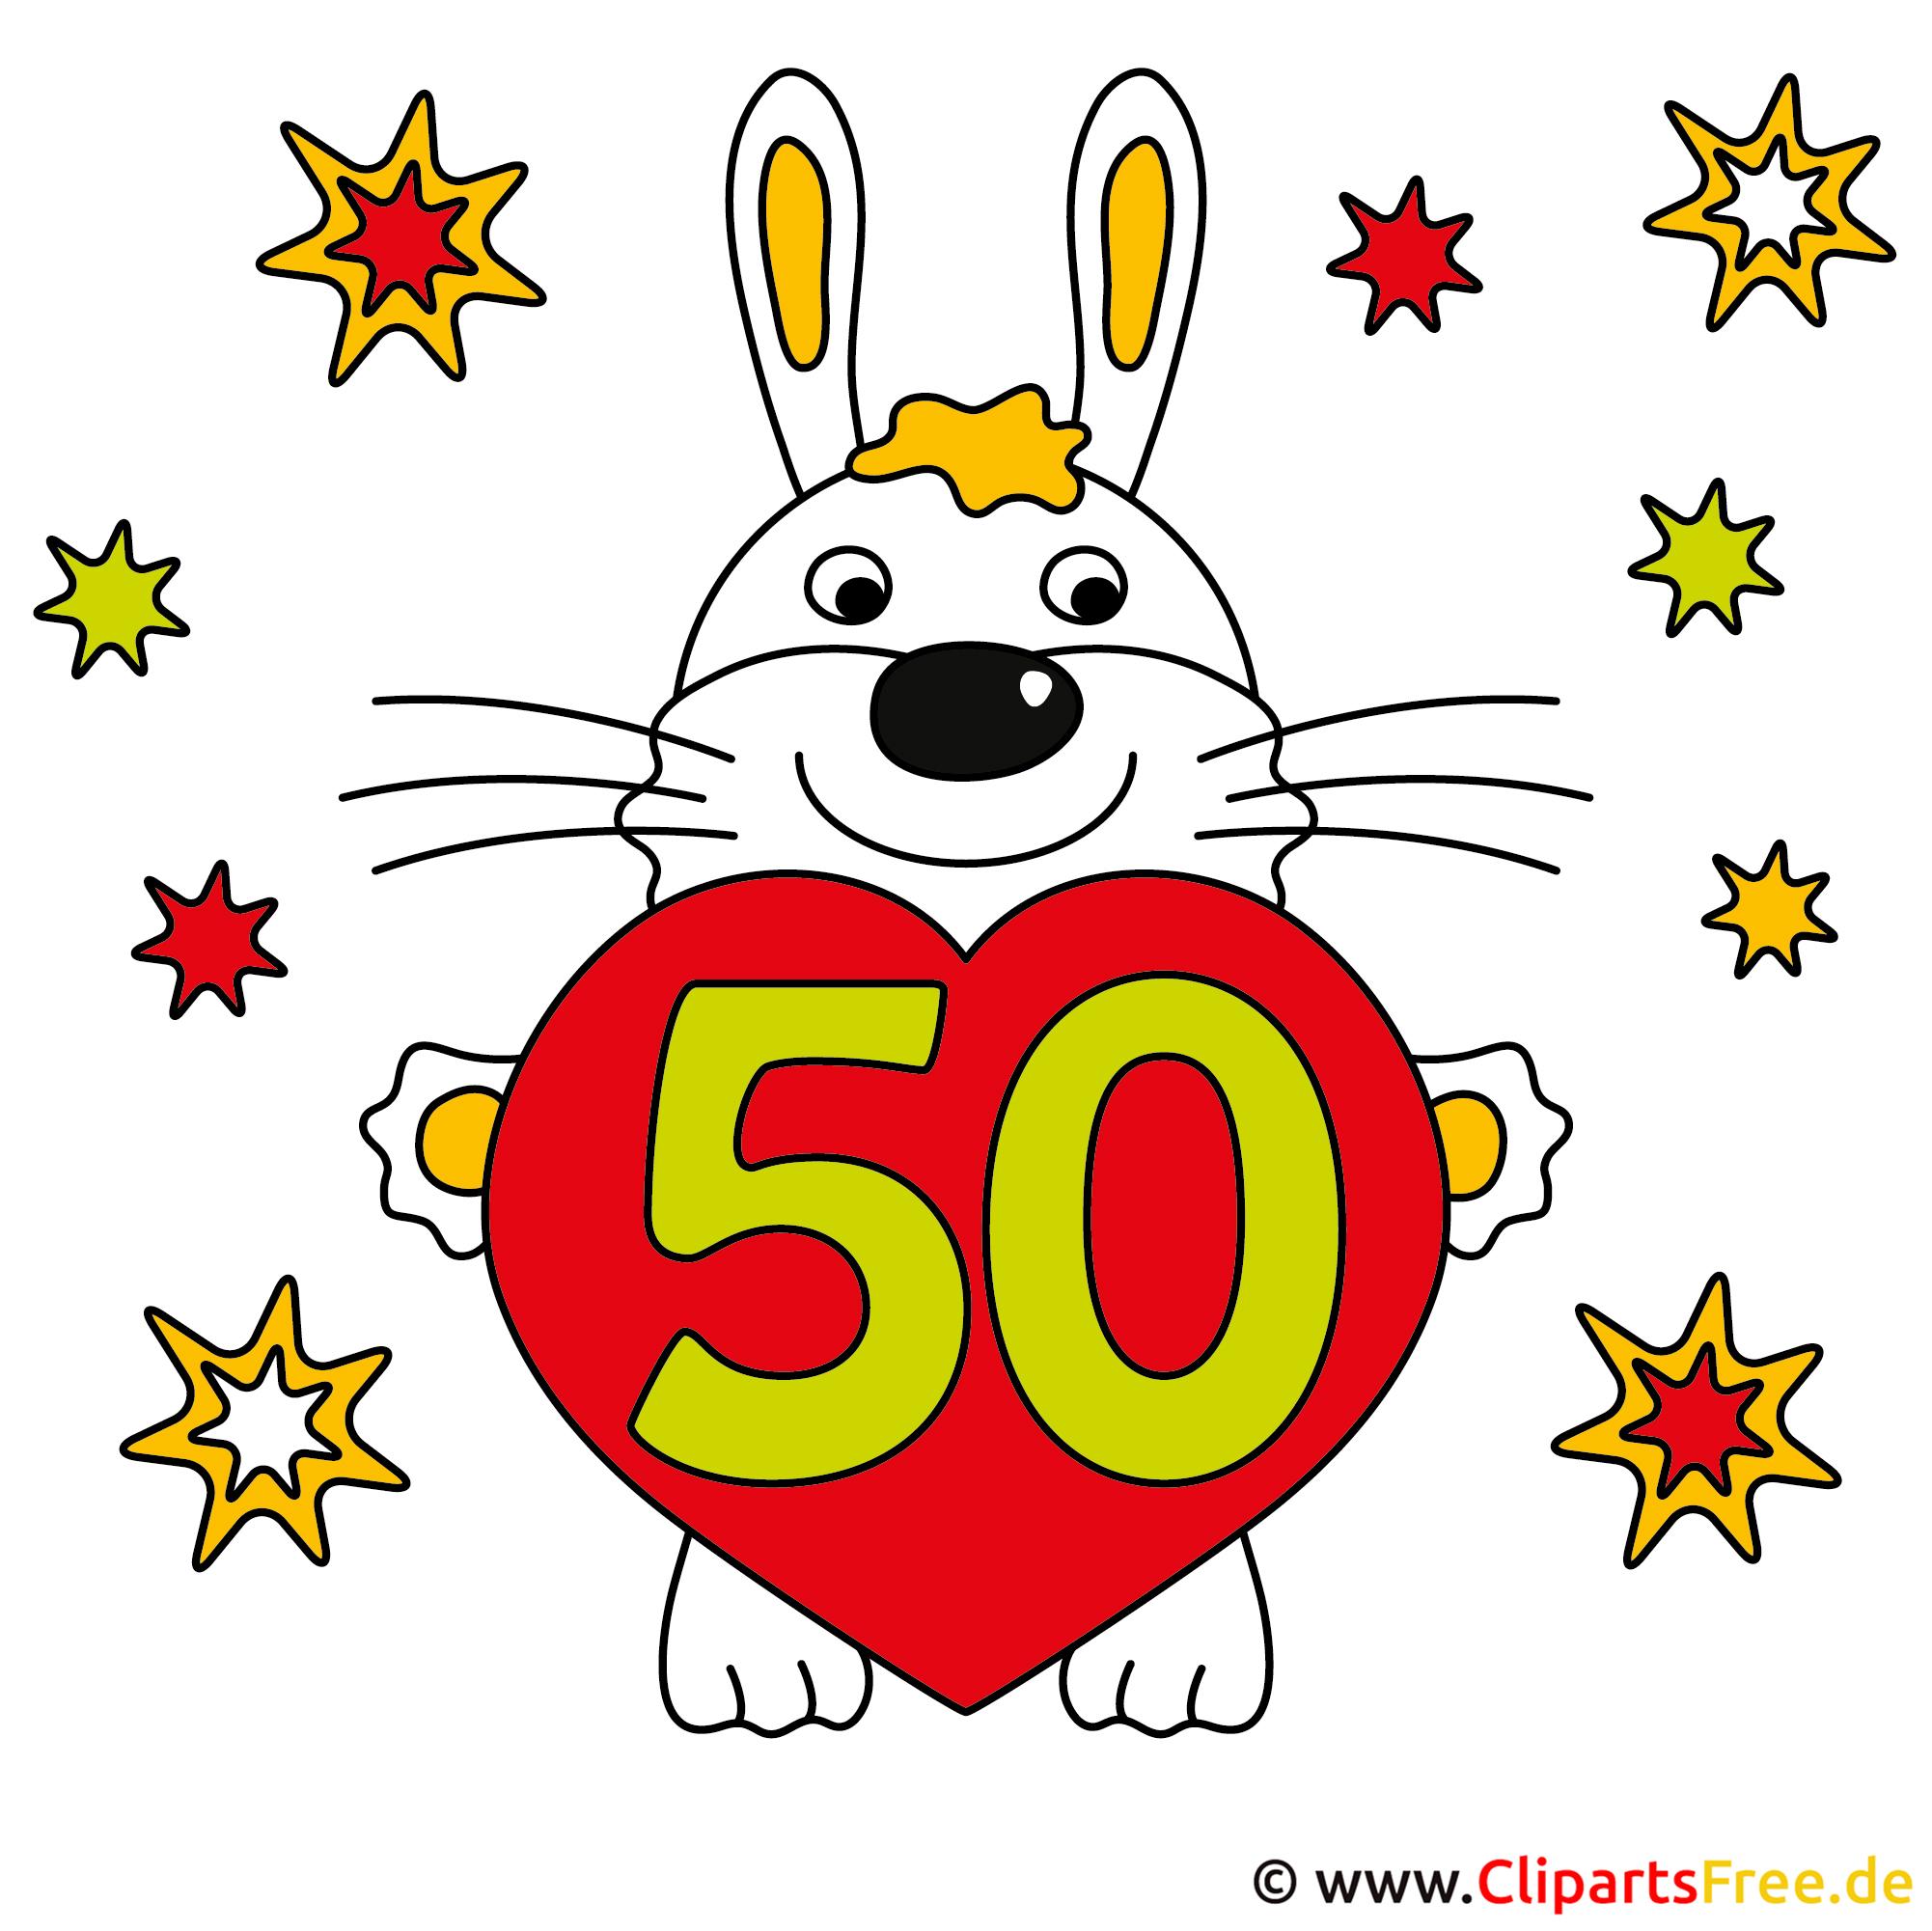 cliparts zum 50. geburtstag - photo #20